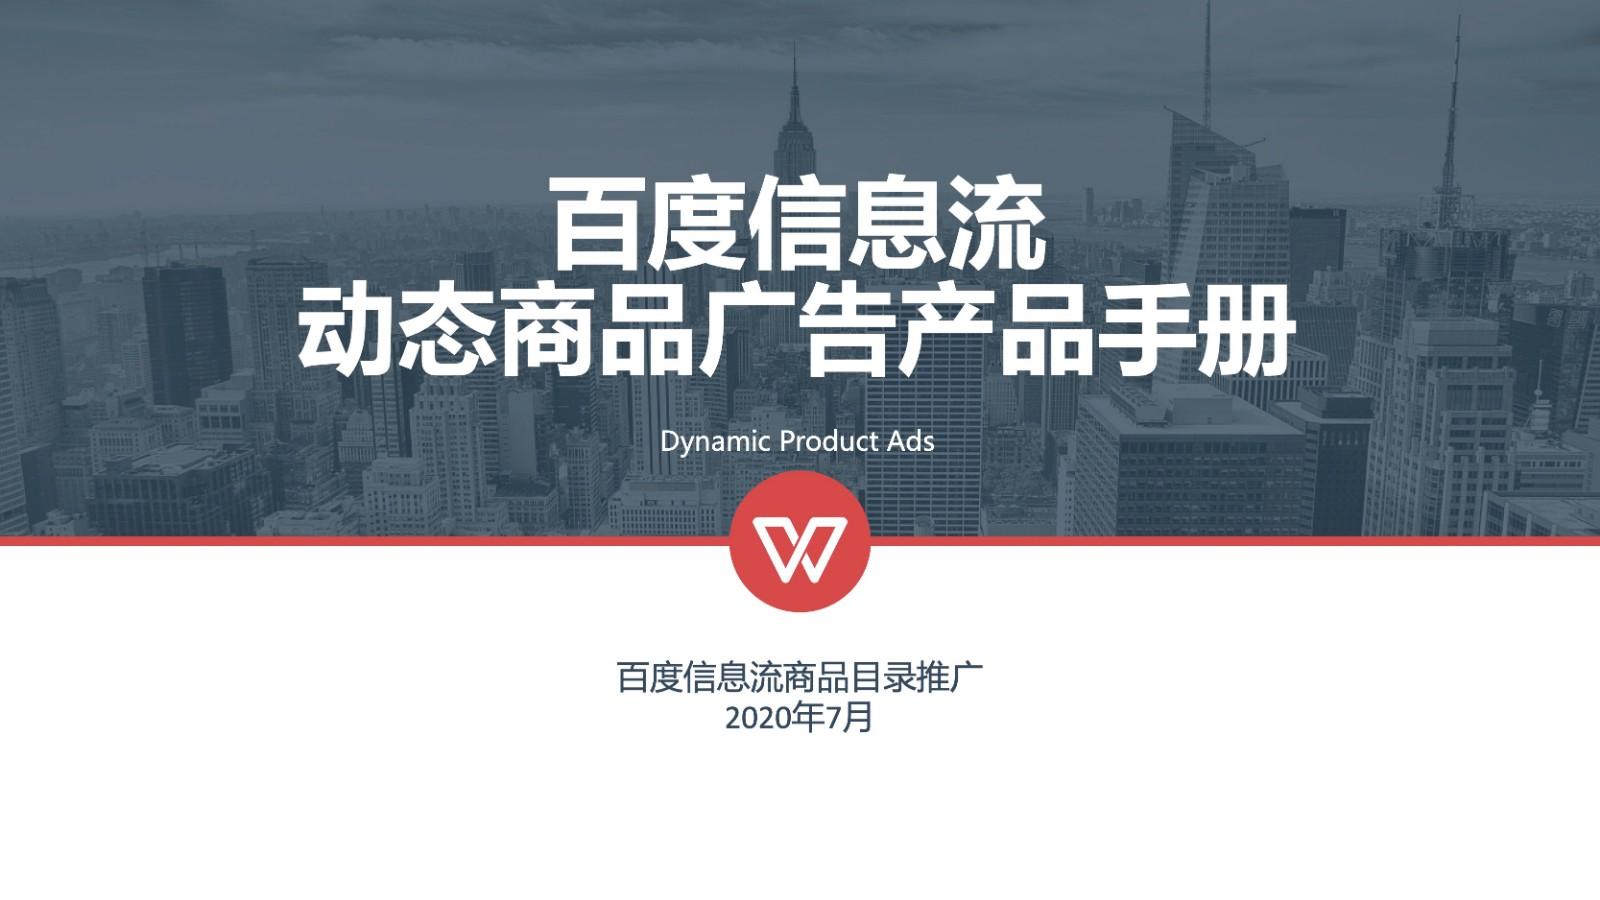 百度信息流-动态商品广告产品手册.jpg